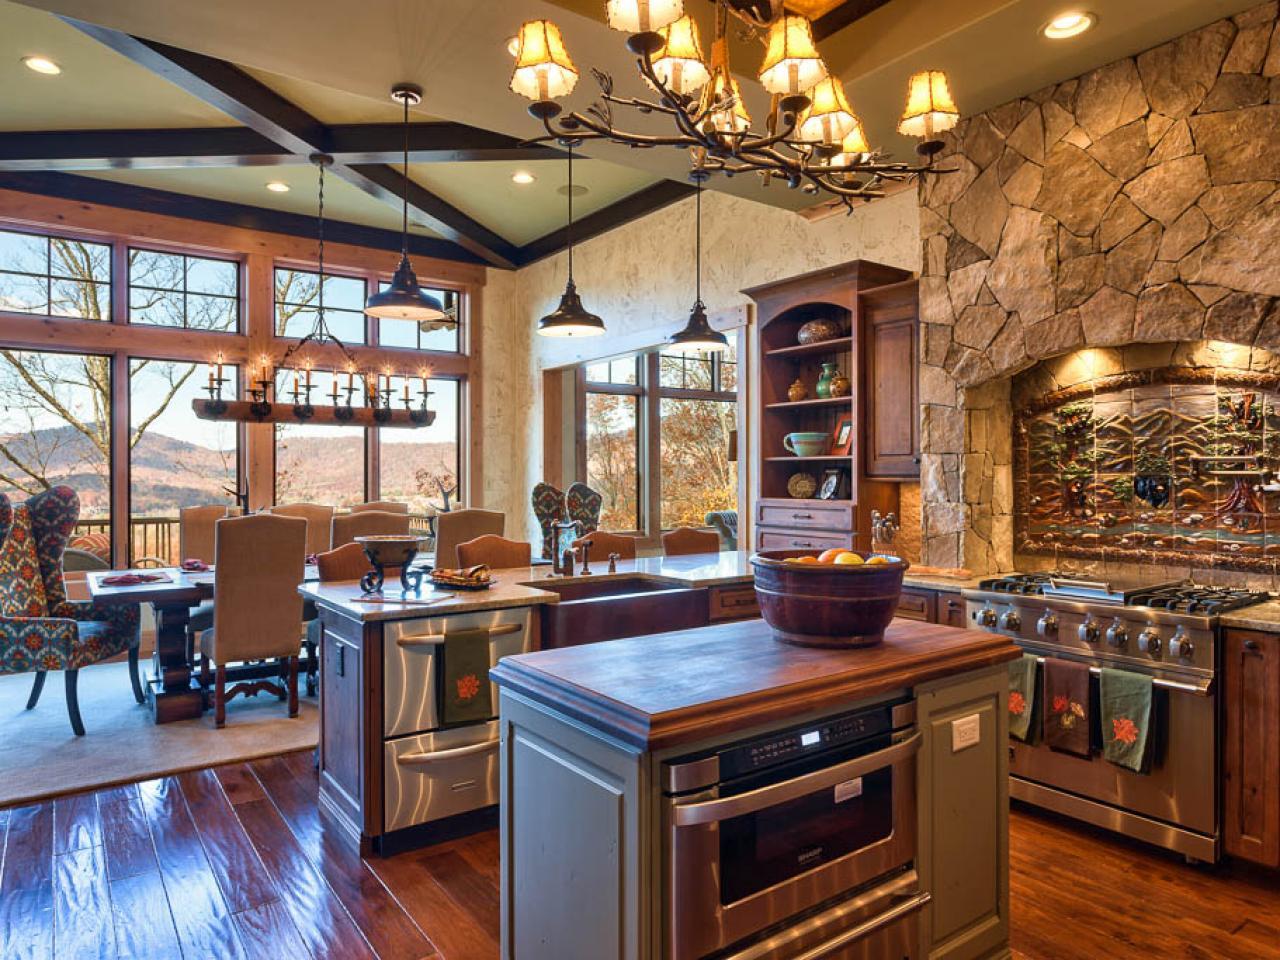 Каменная кладка в интерьере кухни - фото 4